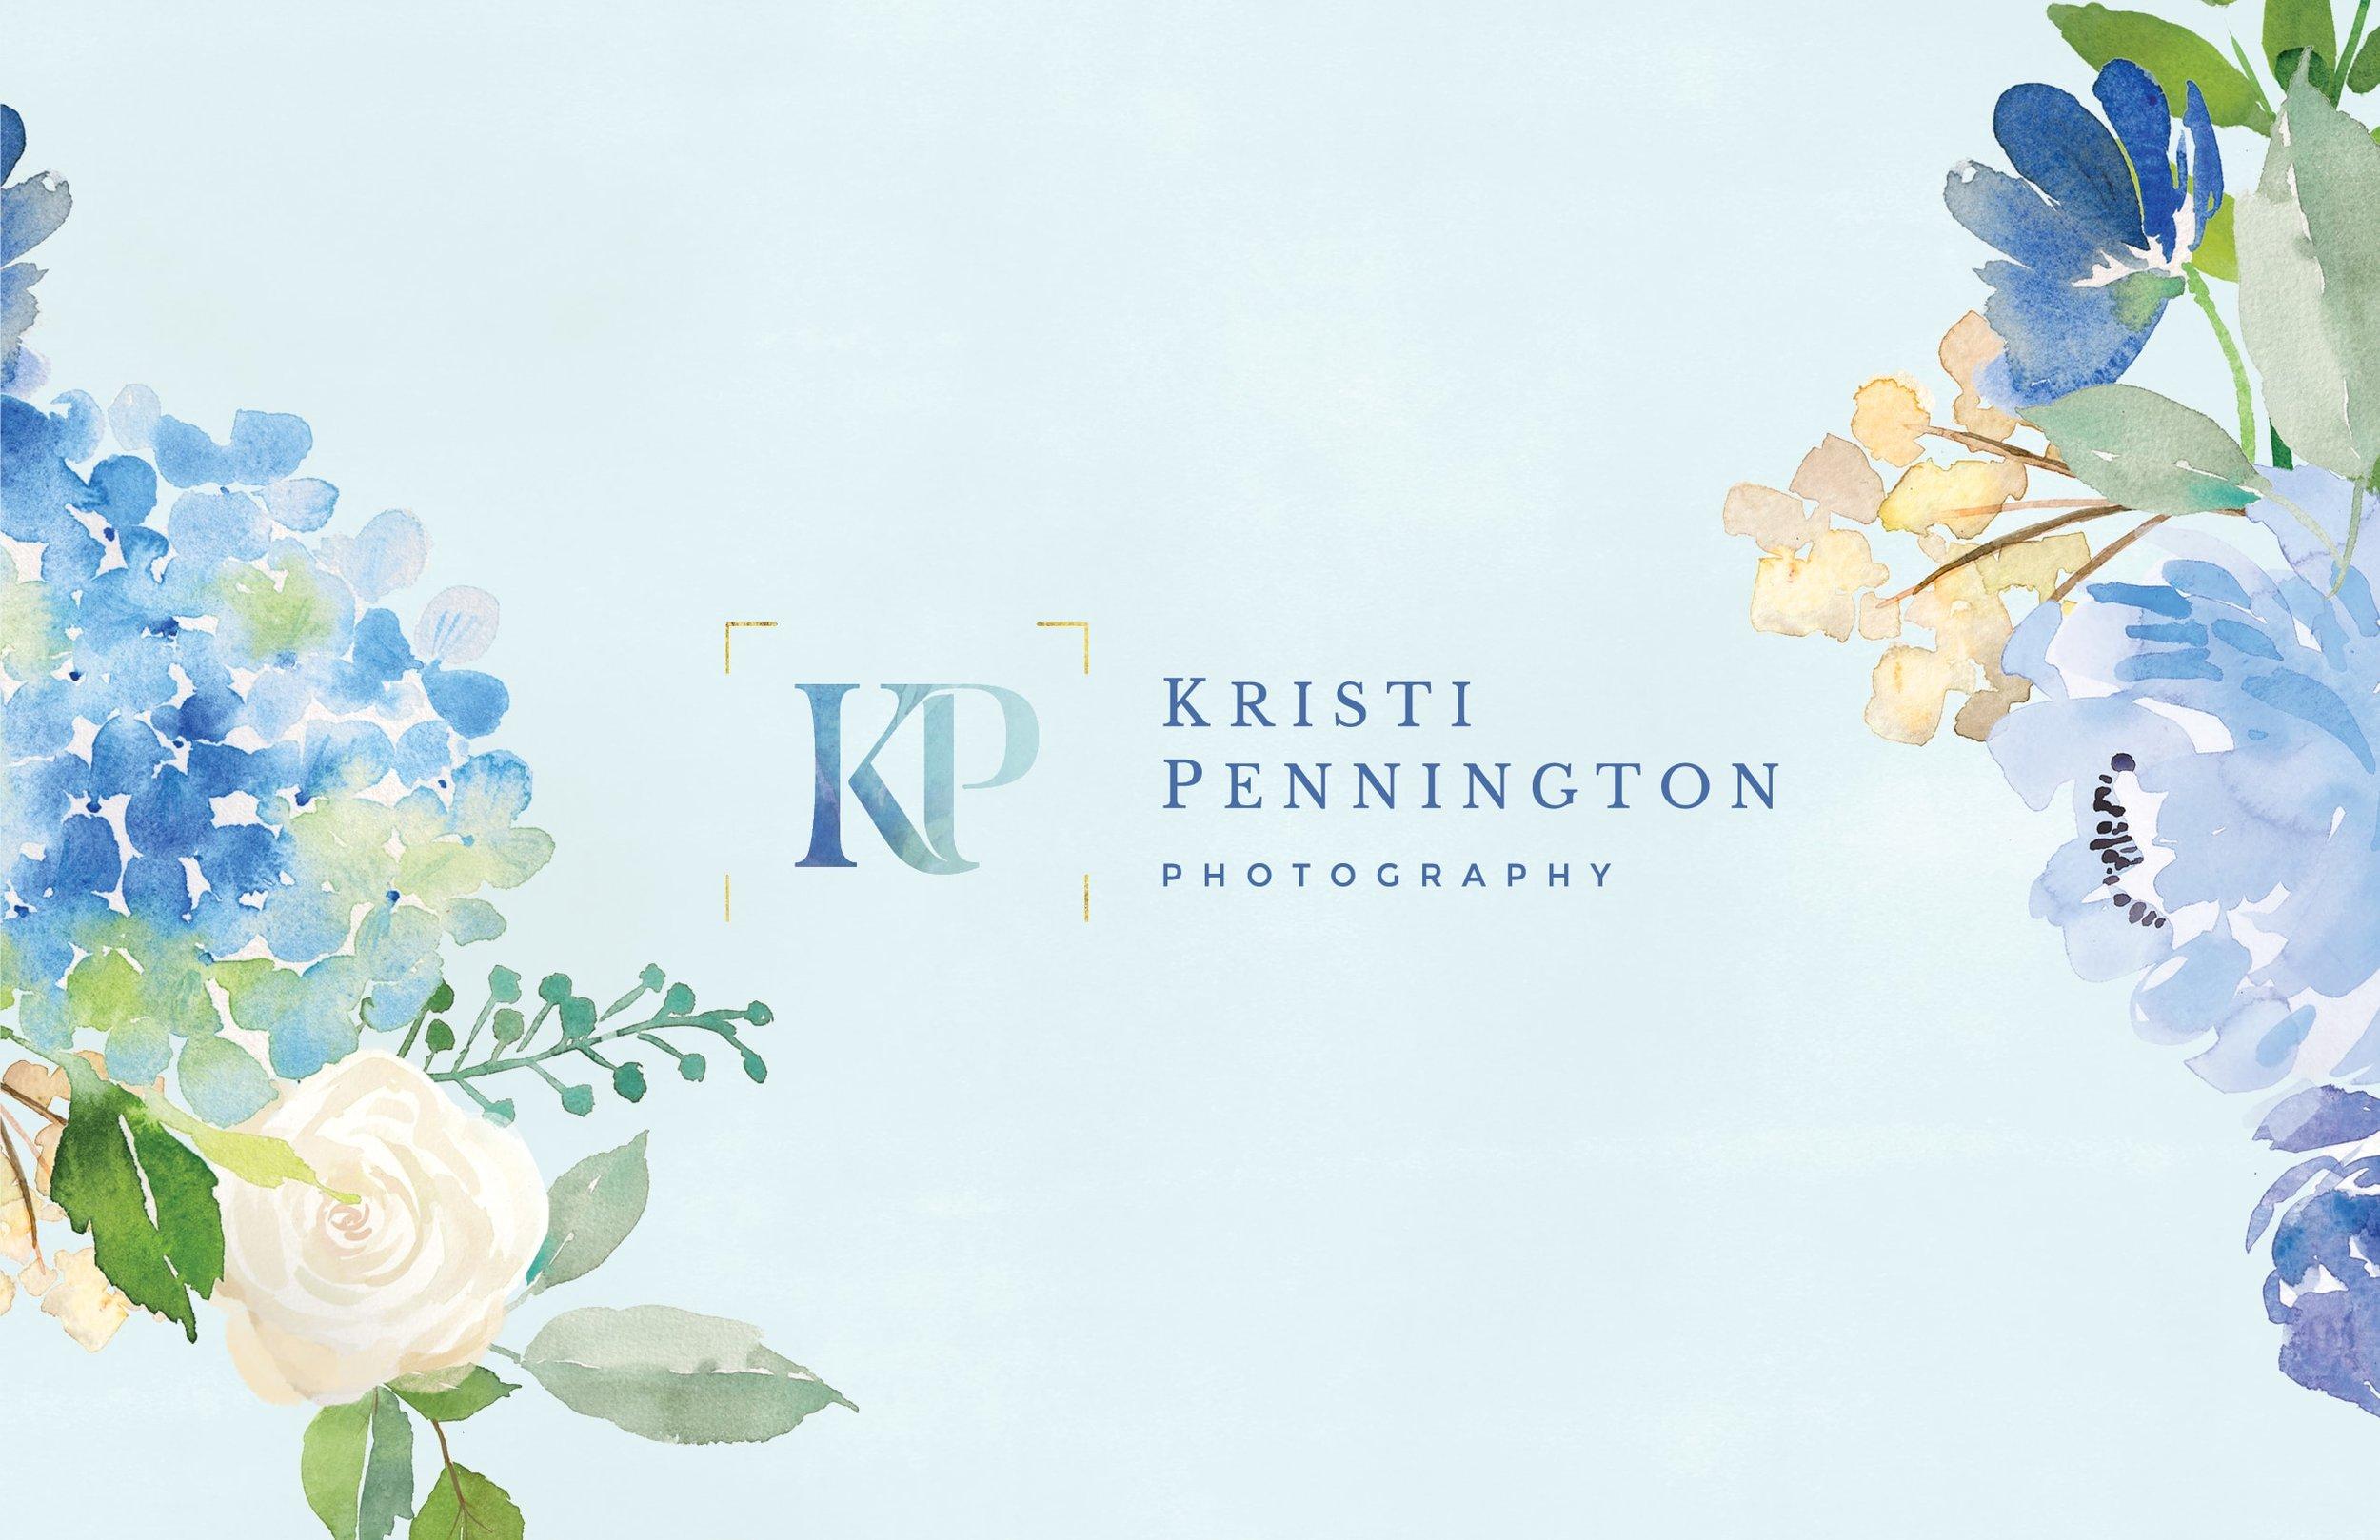 09-KPenningtonPhotographyLogoBrandDesign-min.jpg